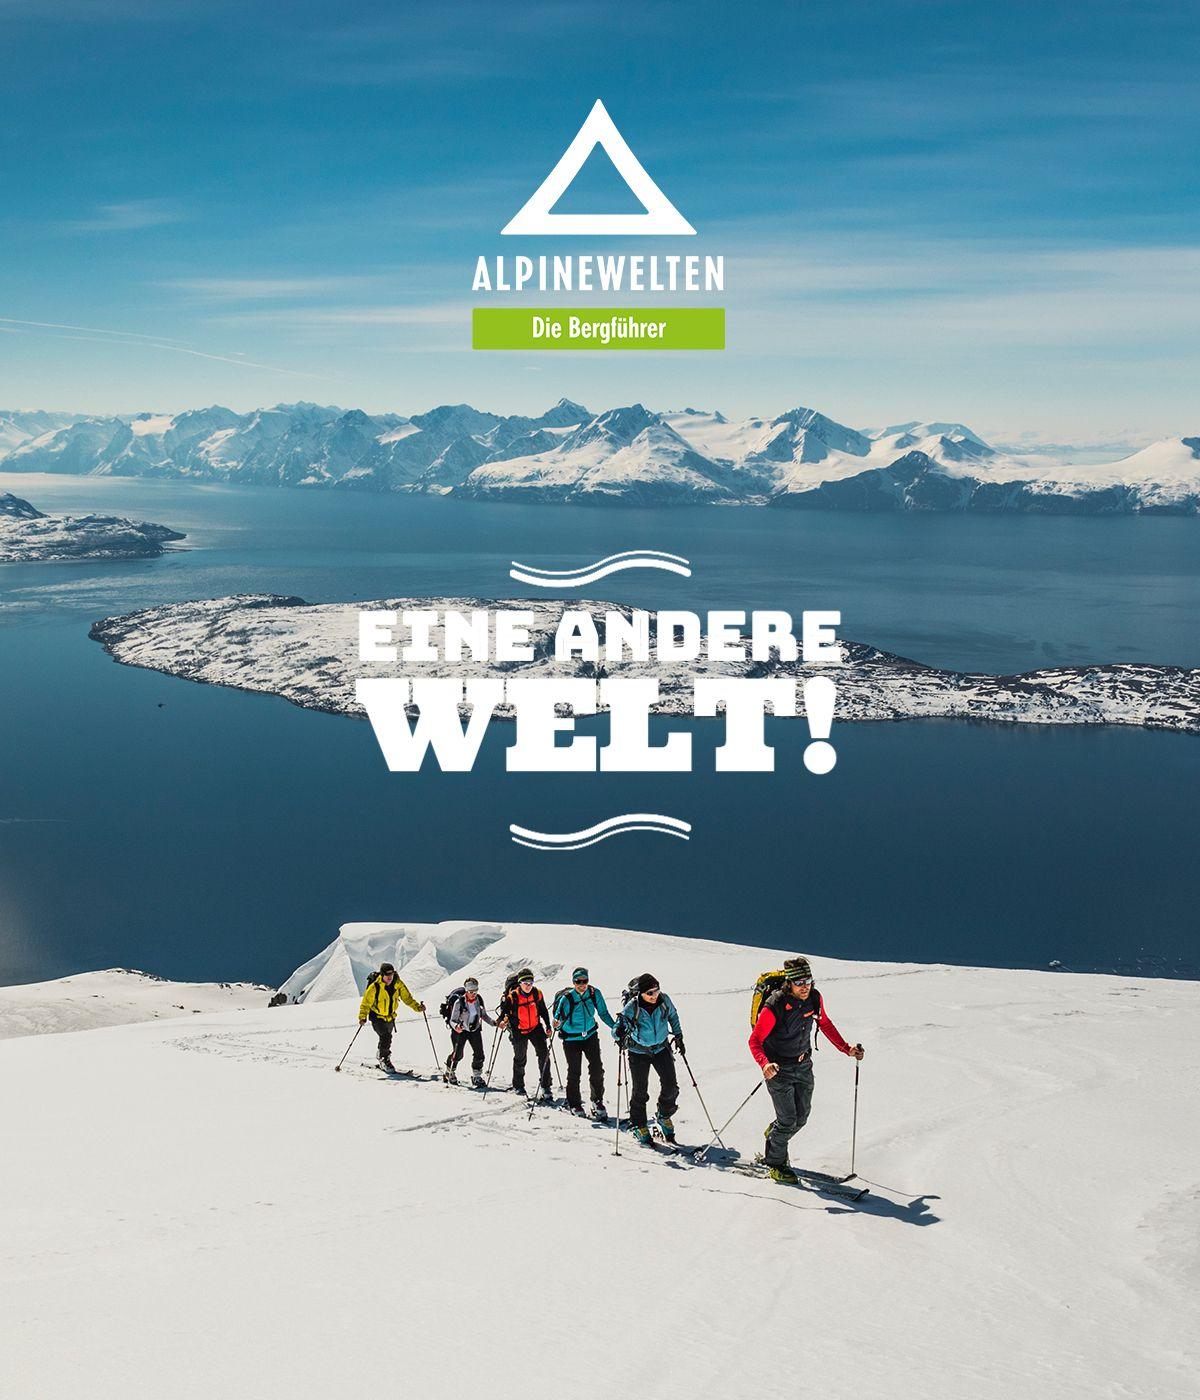 gefuehrte-skitouren-in-norwegen-in-den-lyngenalpen-mit-erfahrenem-bergfuehrer.jpg